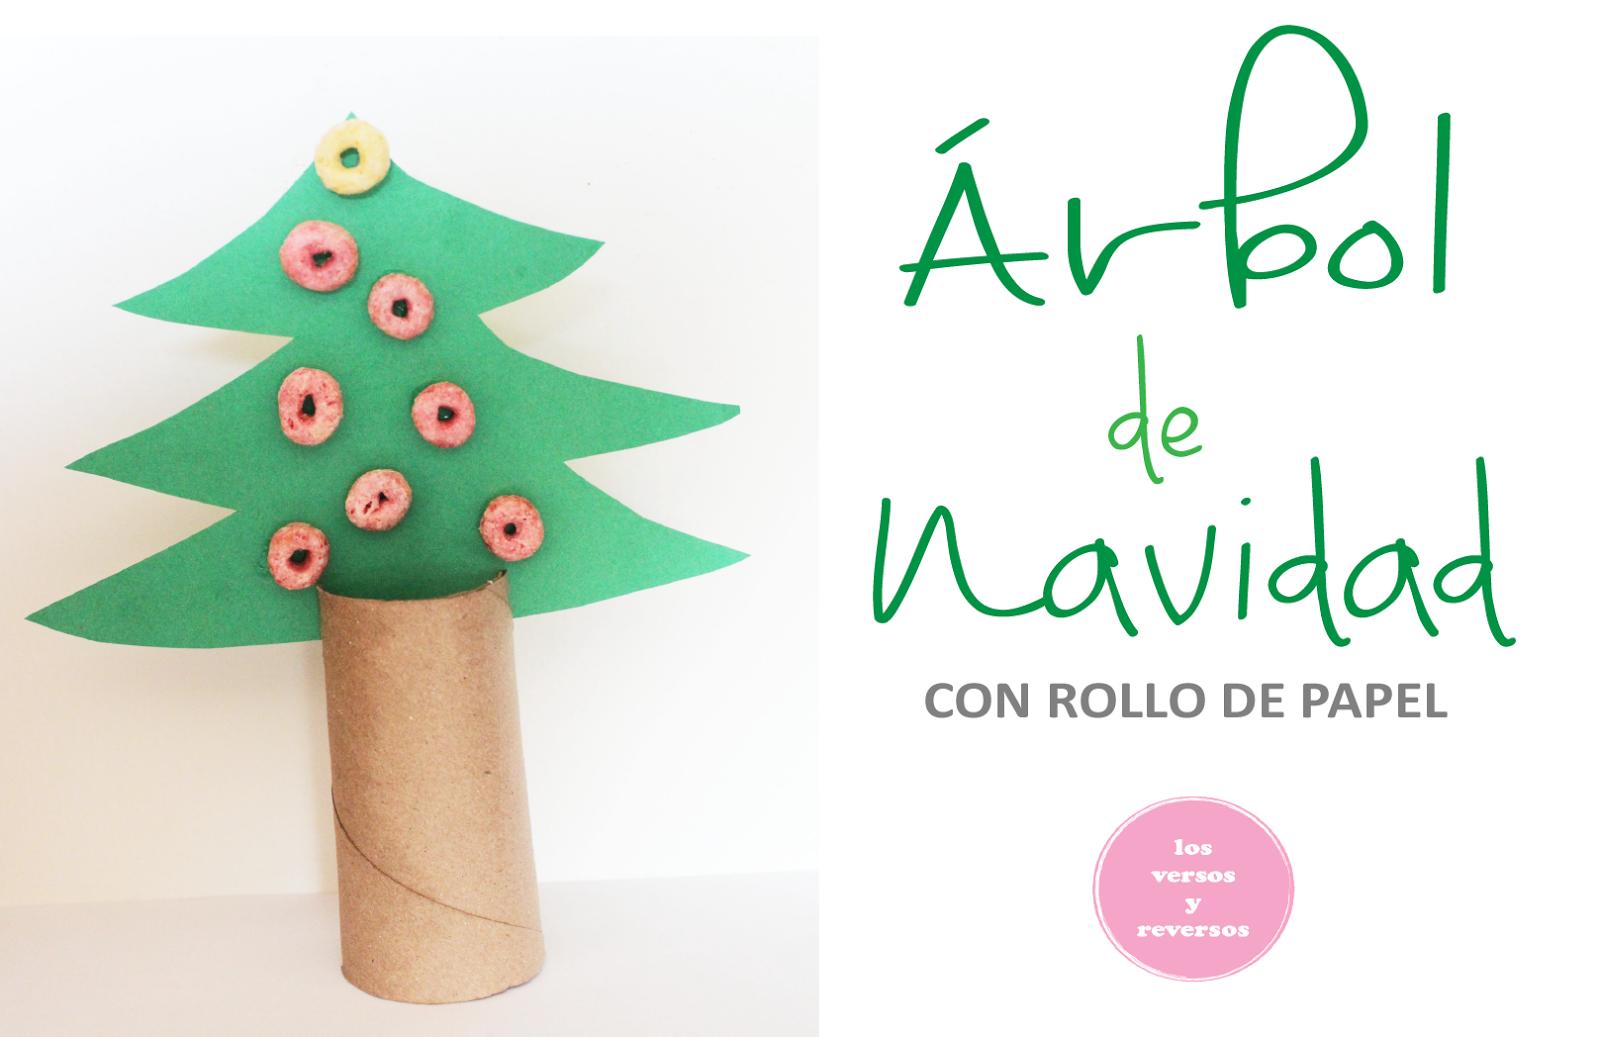 Rbol de navidad con rollo de papel los versos y reversos - Arbol de navidad con papel ...